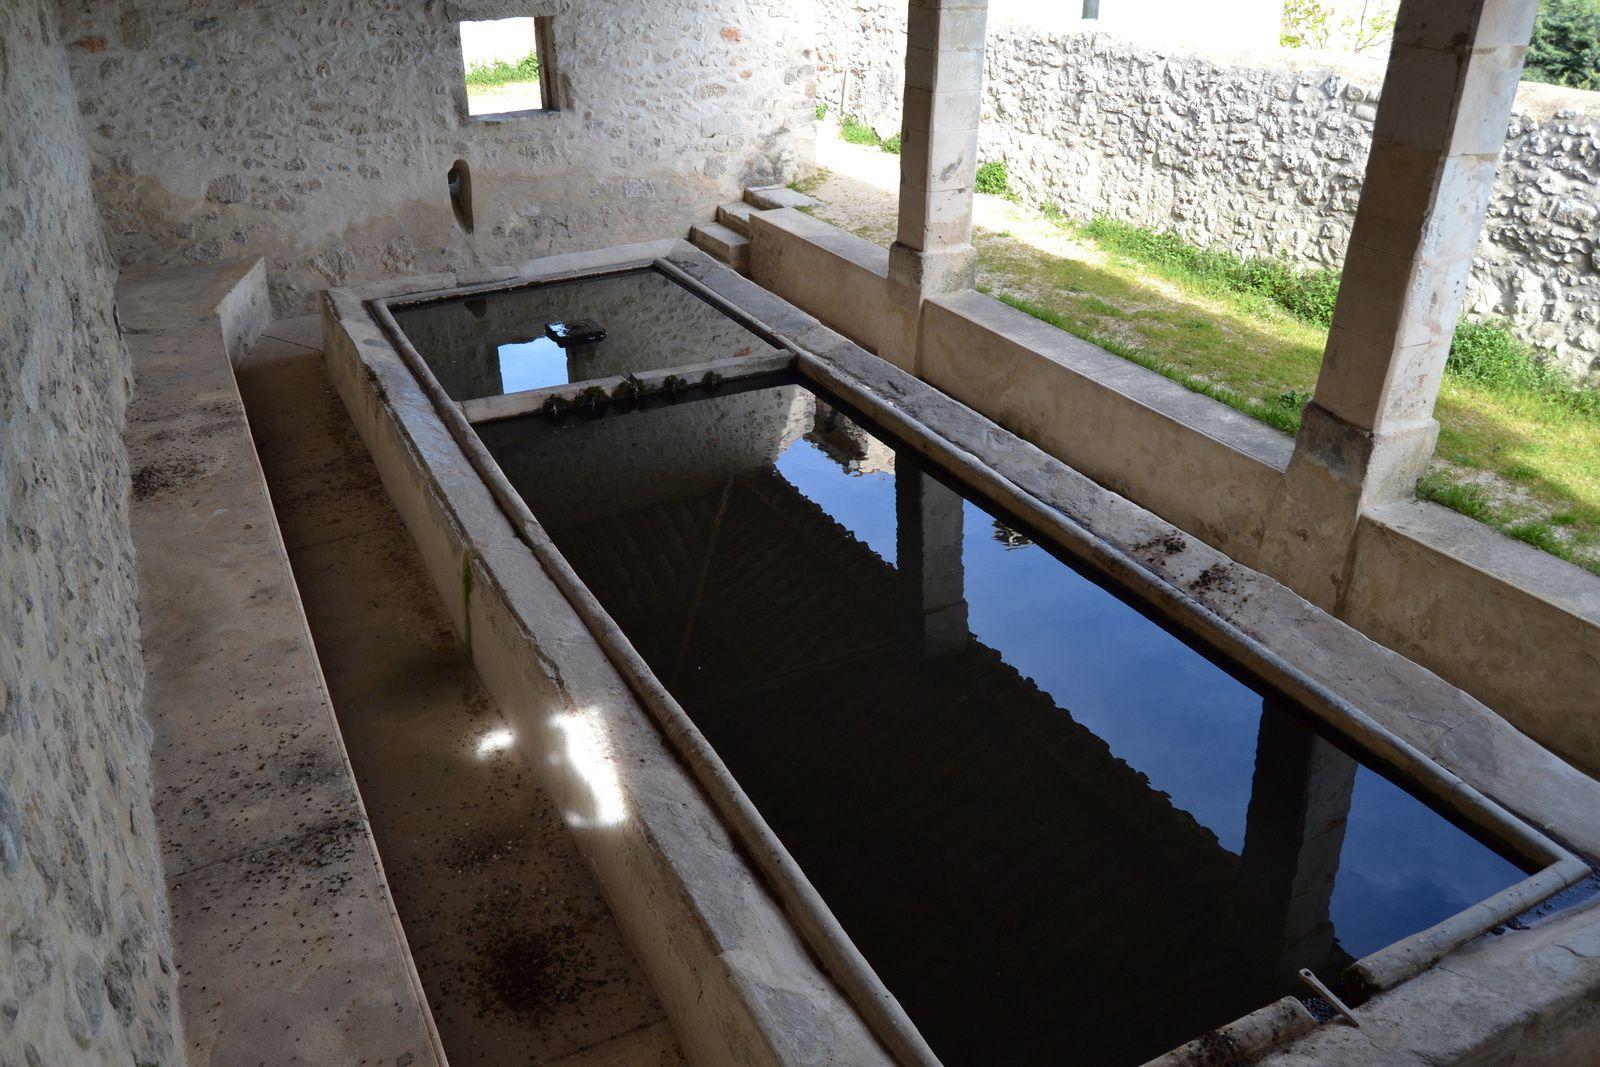 L'implantation du village de La Garde Adhémar sur un plateau calcaire rendit difficile l'alimentation en eau des habitants. Unique point d'eau situé à l'extérieur de l'enceinte médiévale, cette source, qui ne tarit pas en été, fit l'objet de soins attentifs de la communauté villageoise pendant de siècles.